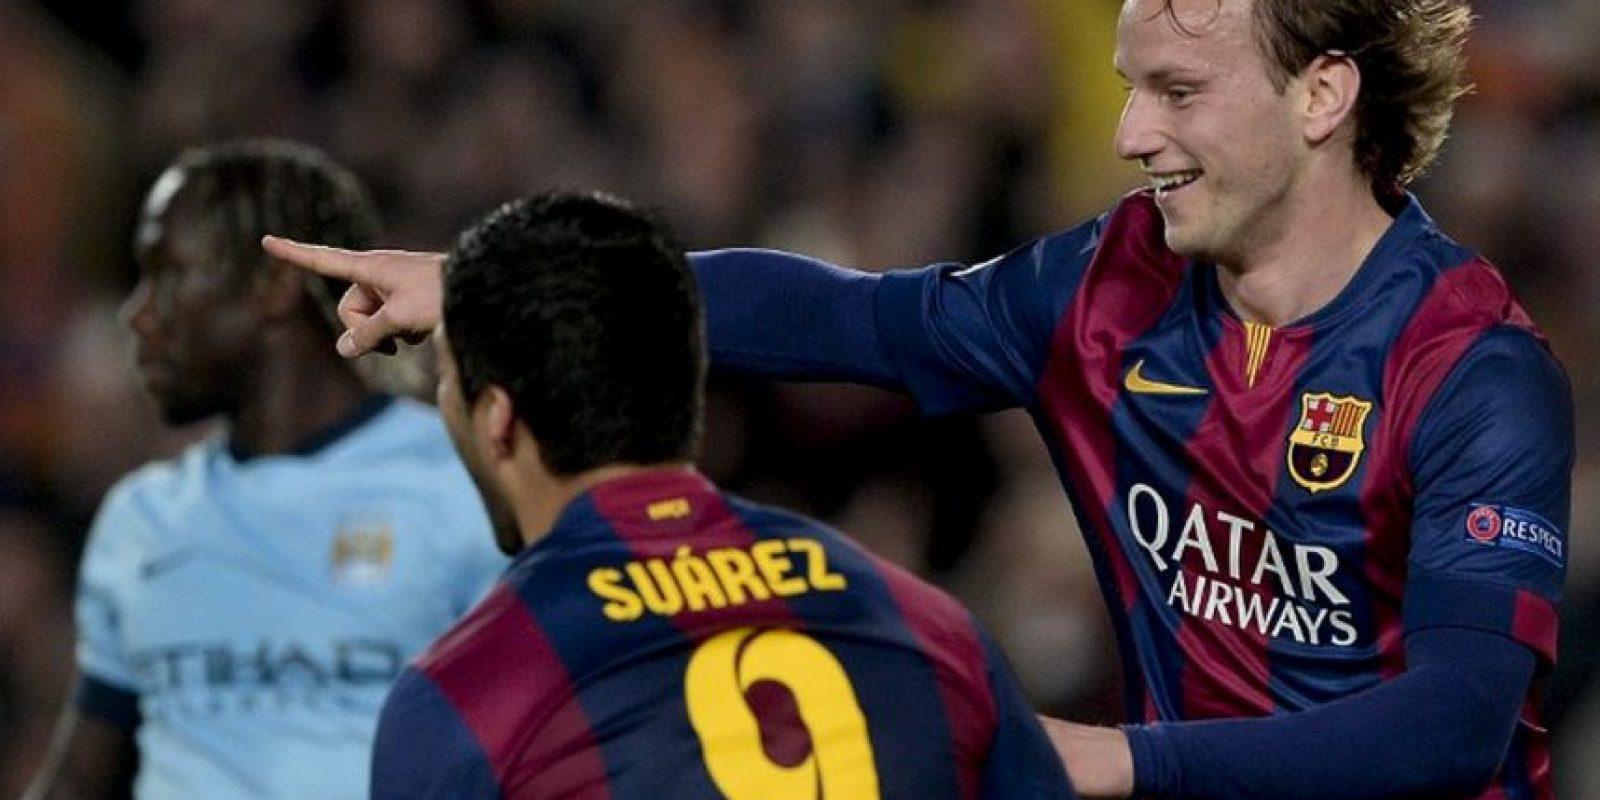 18 de marzo de 2015. Con un Messi inspirado, Barcelona selló la clasificación a cuartos de final con un triunfo por la cuenta mínima (gol de Rakitic) sobre el City del Ingeniero. El meta Ter Stegen también brilló al contener un penal a Sergio Agüero en el segundo tiempo Foto:AFP